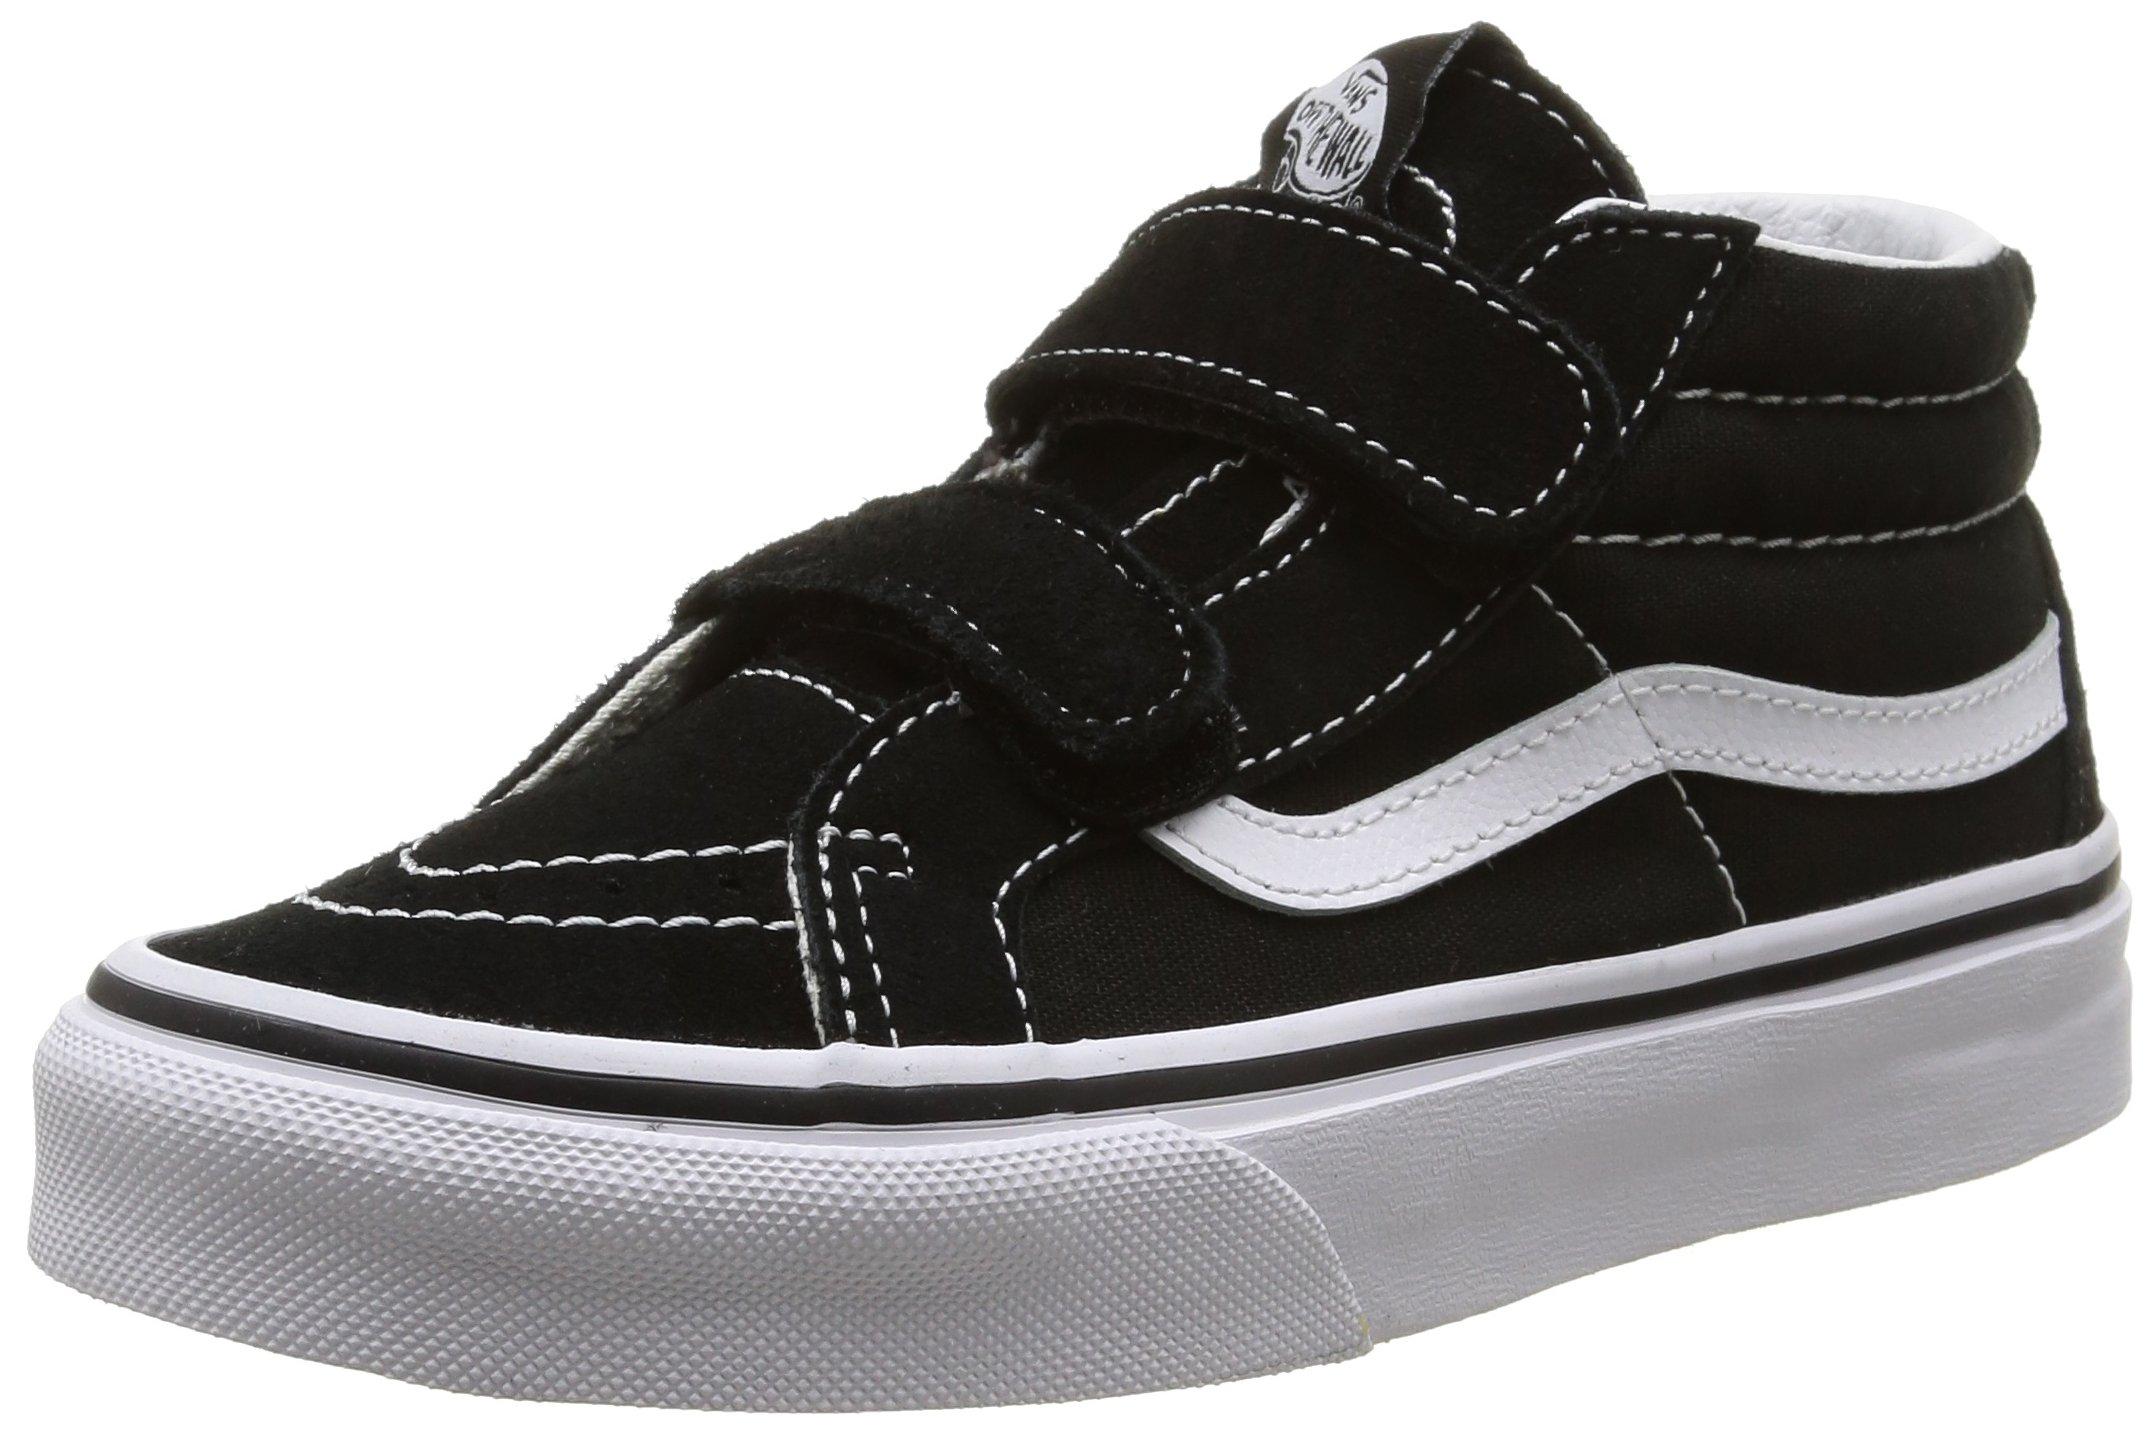 Vans Kids Sk8-Mid Reissue V Skate Shoe Black/True White 1